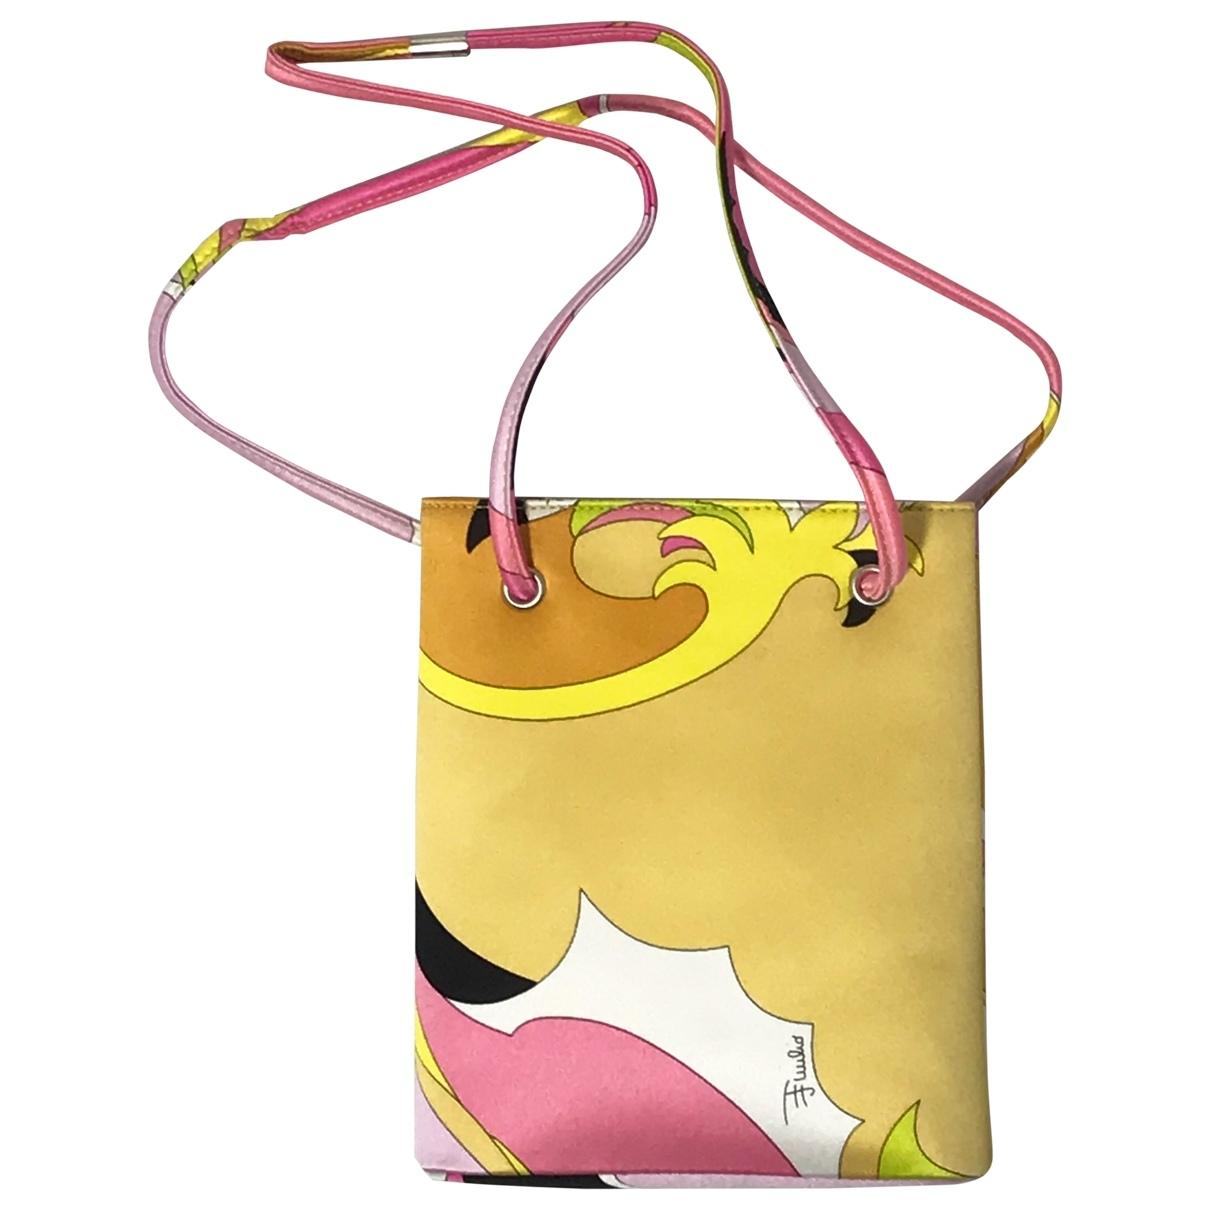 Emilio Pucci - Sac a main   pour femme en soie - multicolore